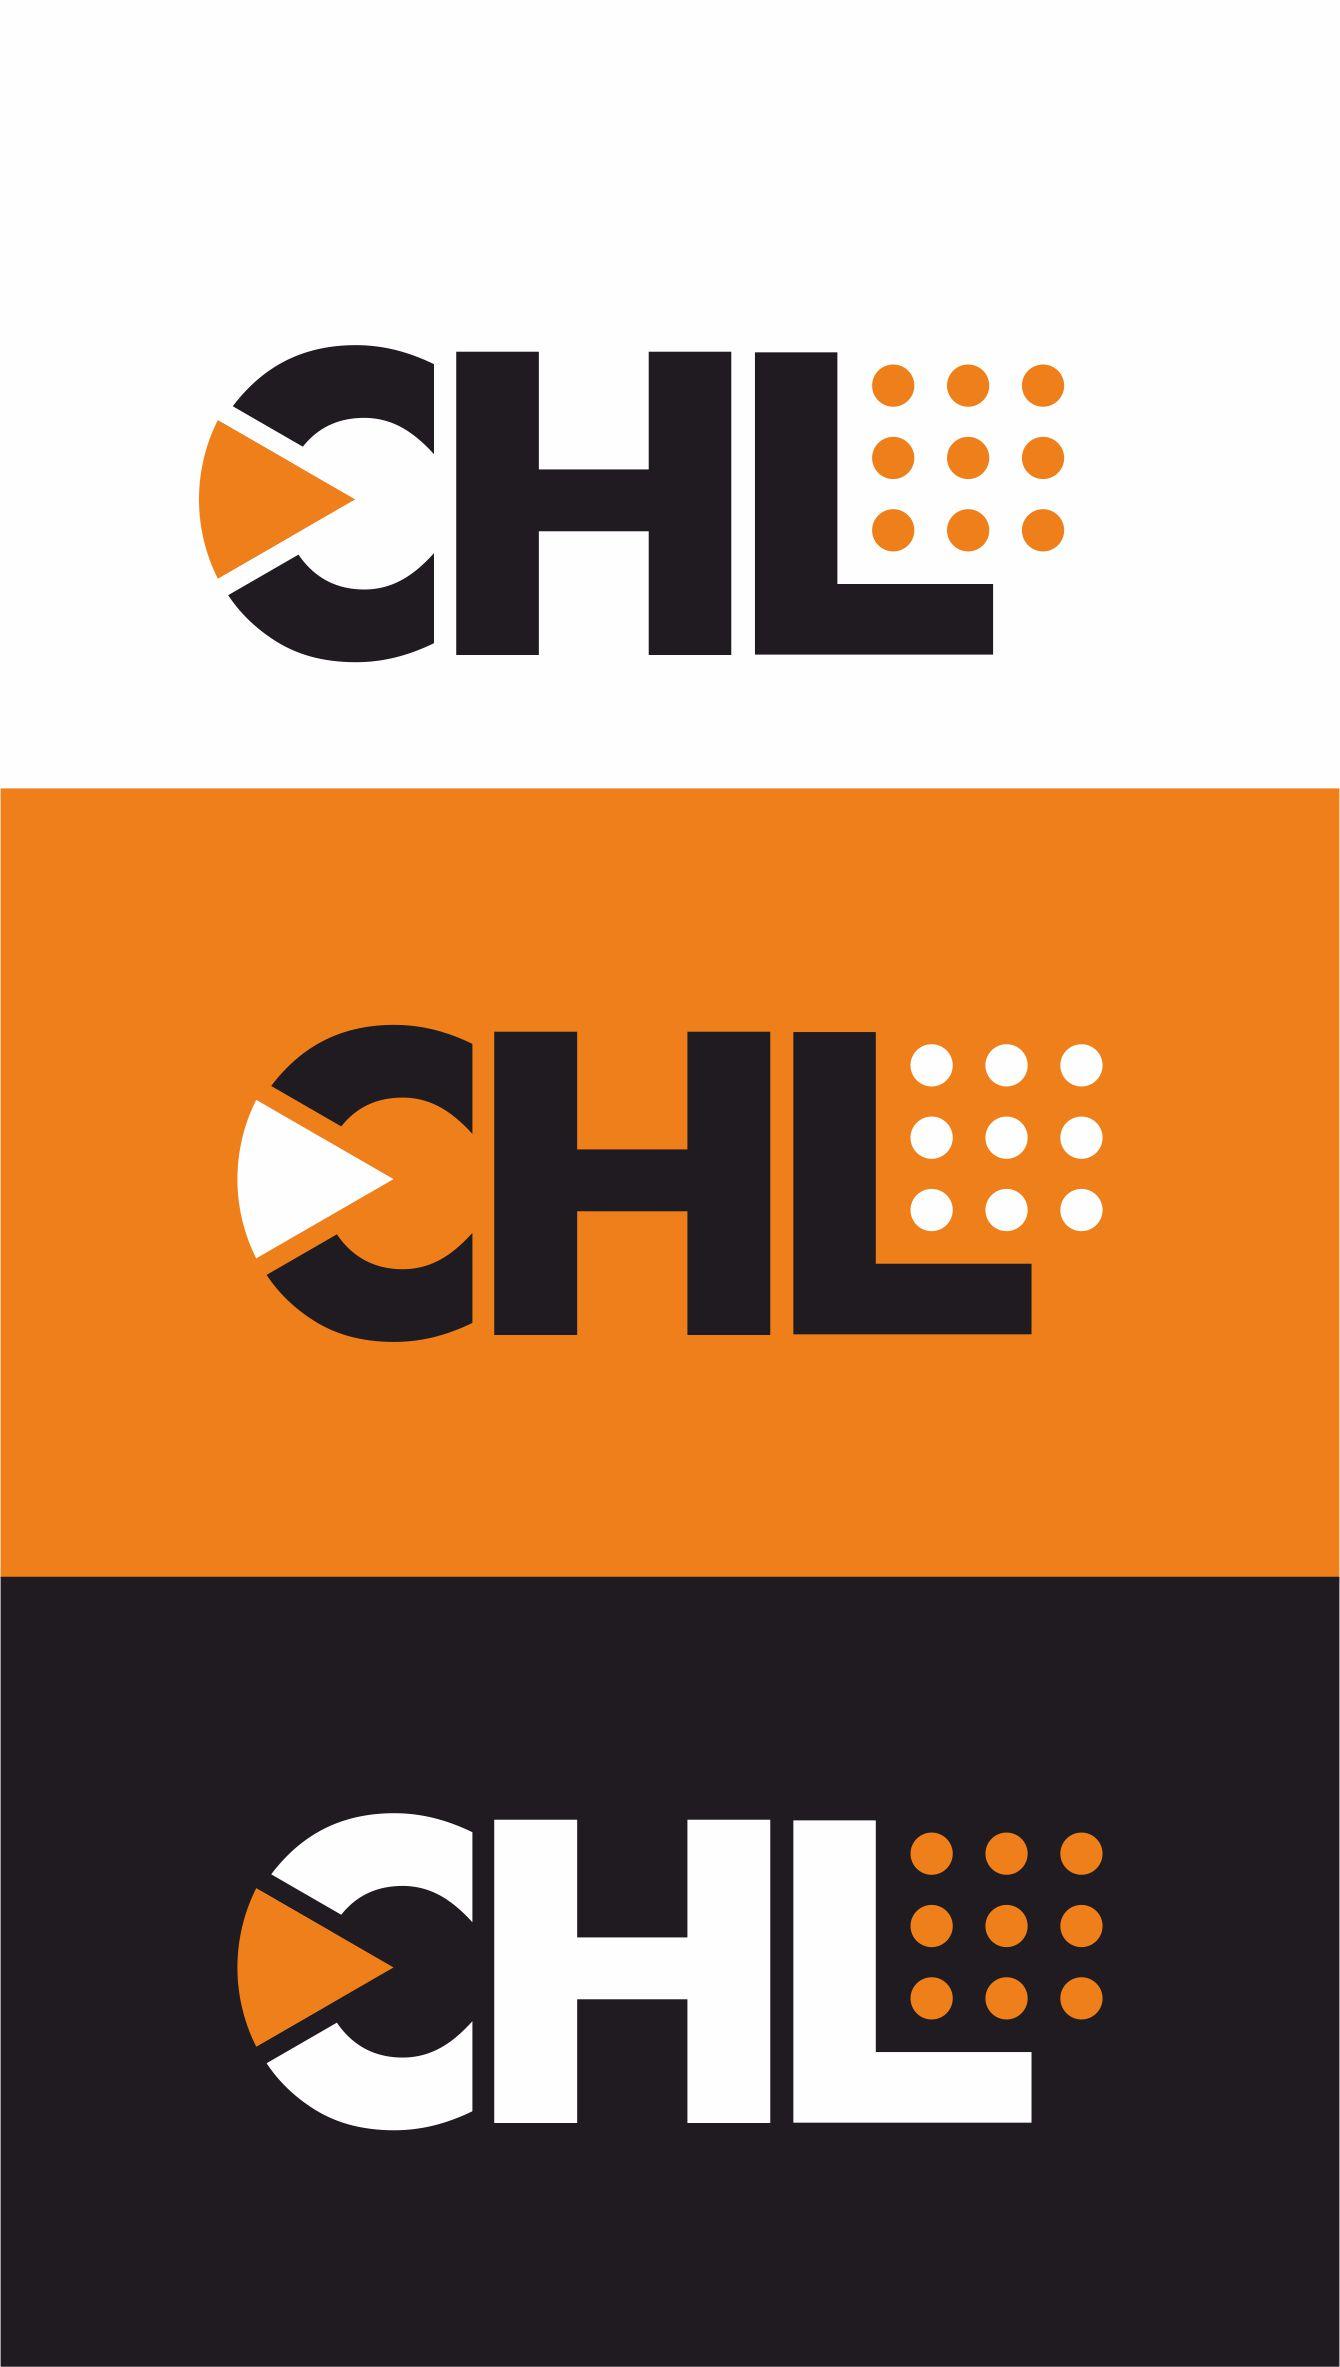 разработка логотипа для производителя фар фото f_0125f5a1436f221e.jpg